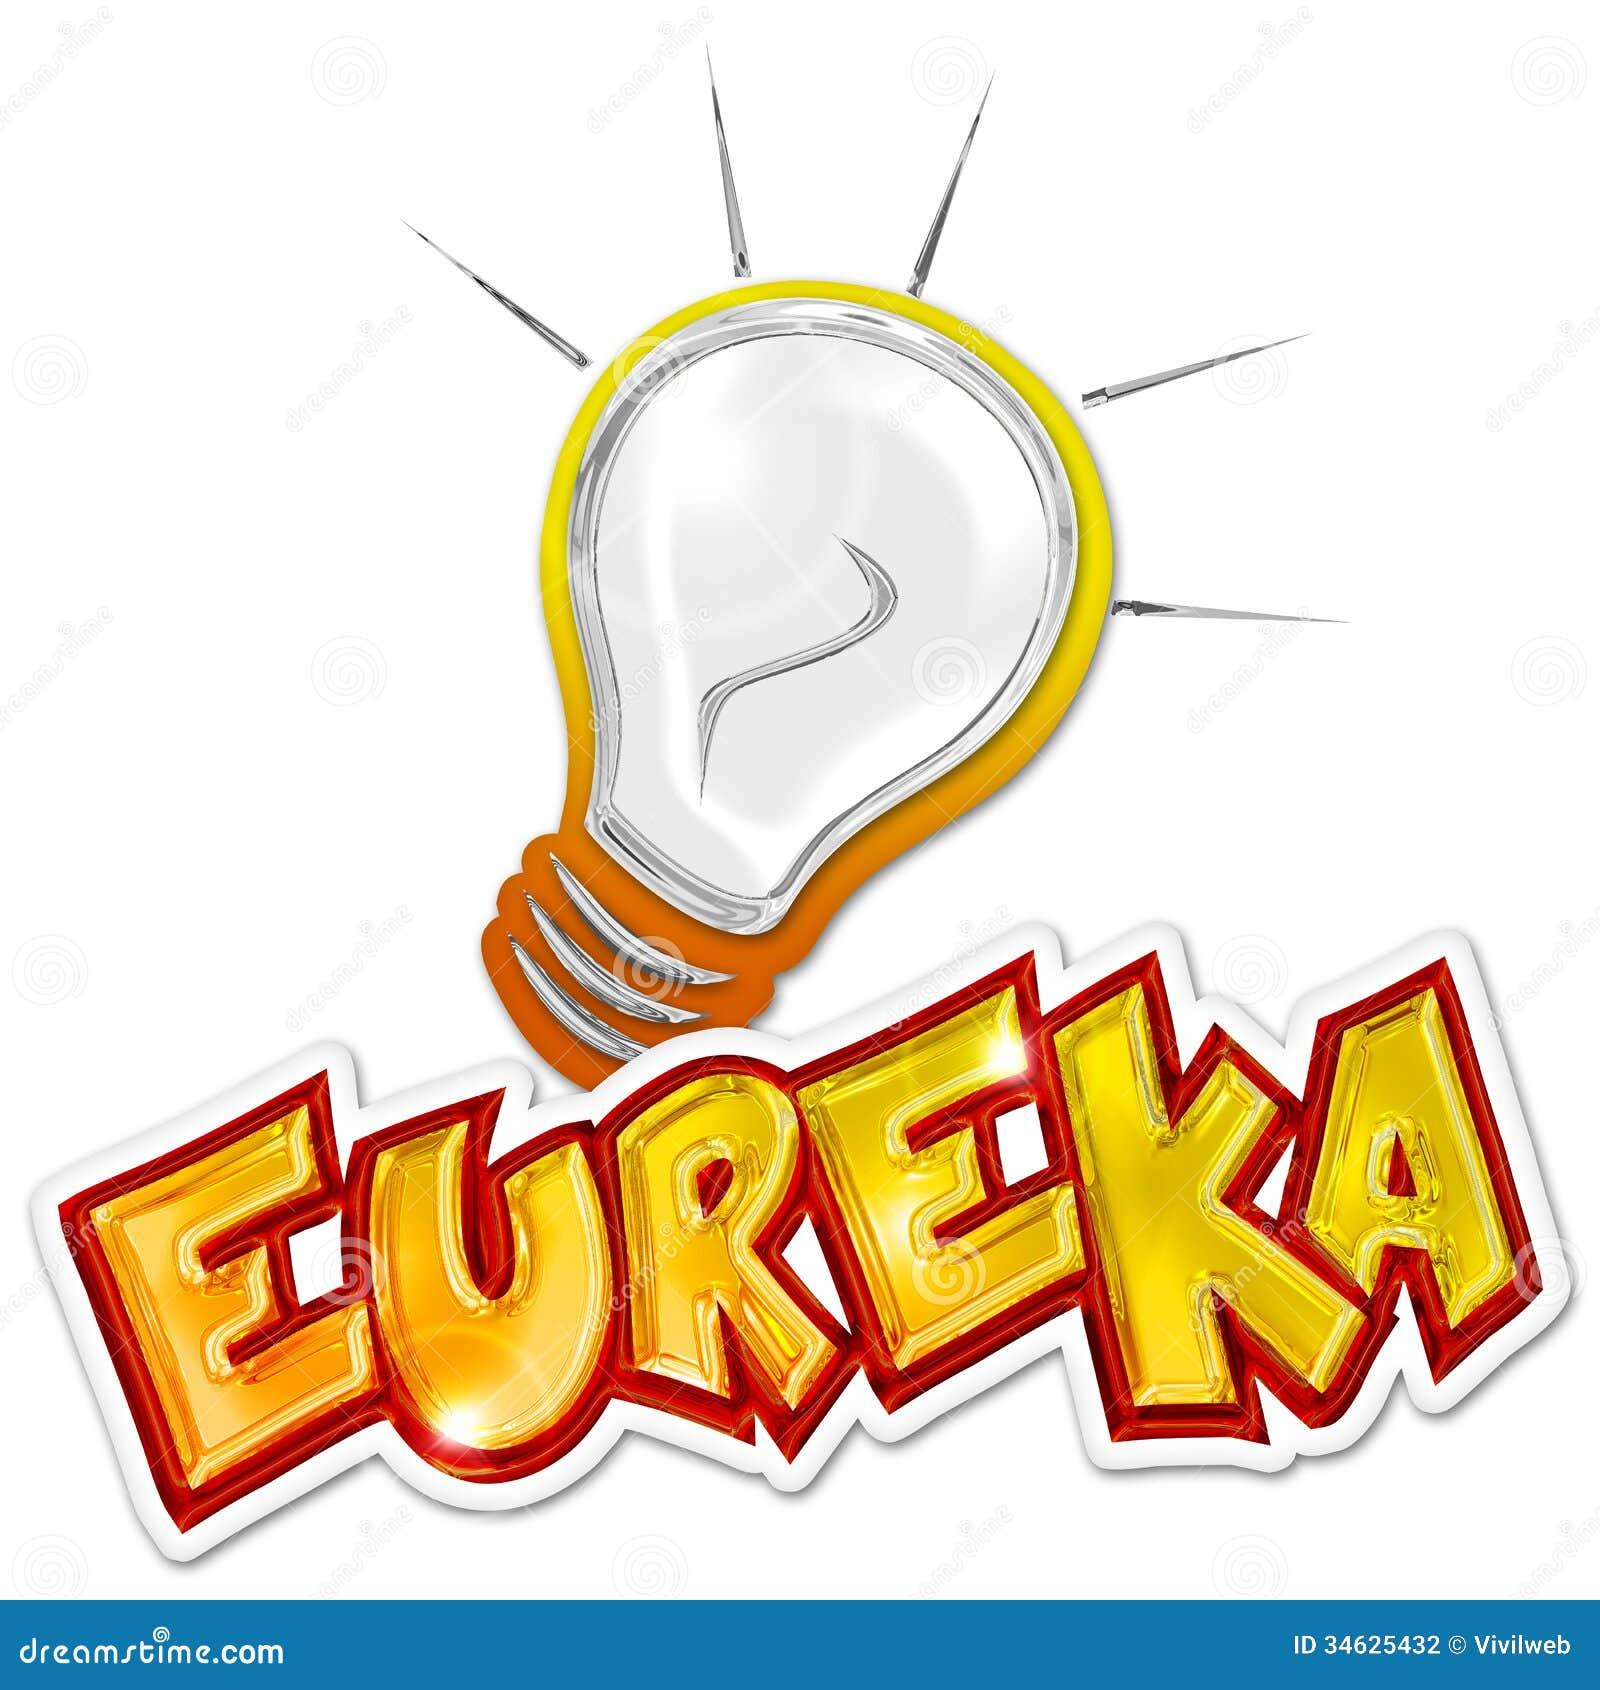 Eureka Sticker Stock Photography - Image: 34625432